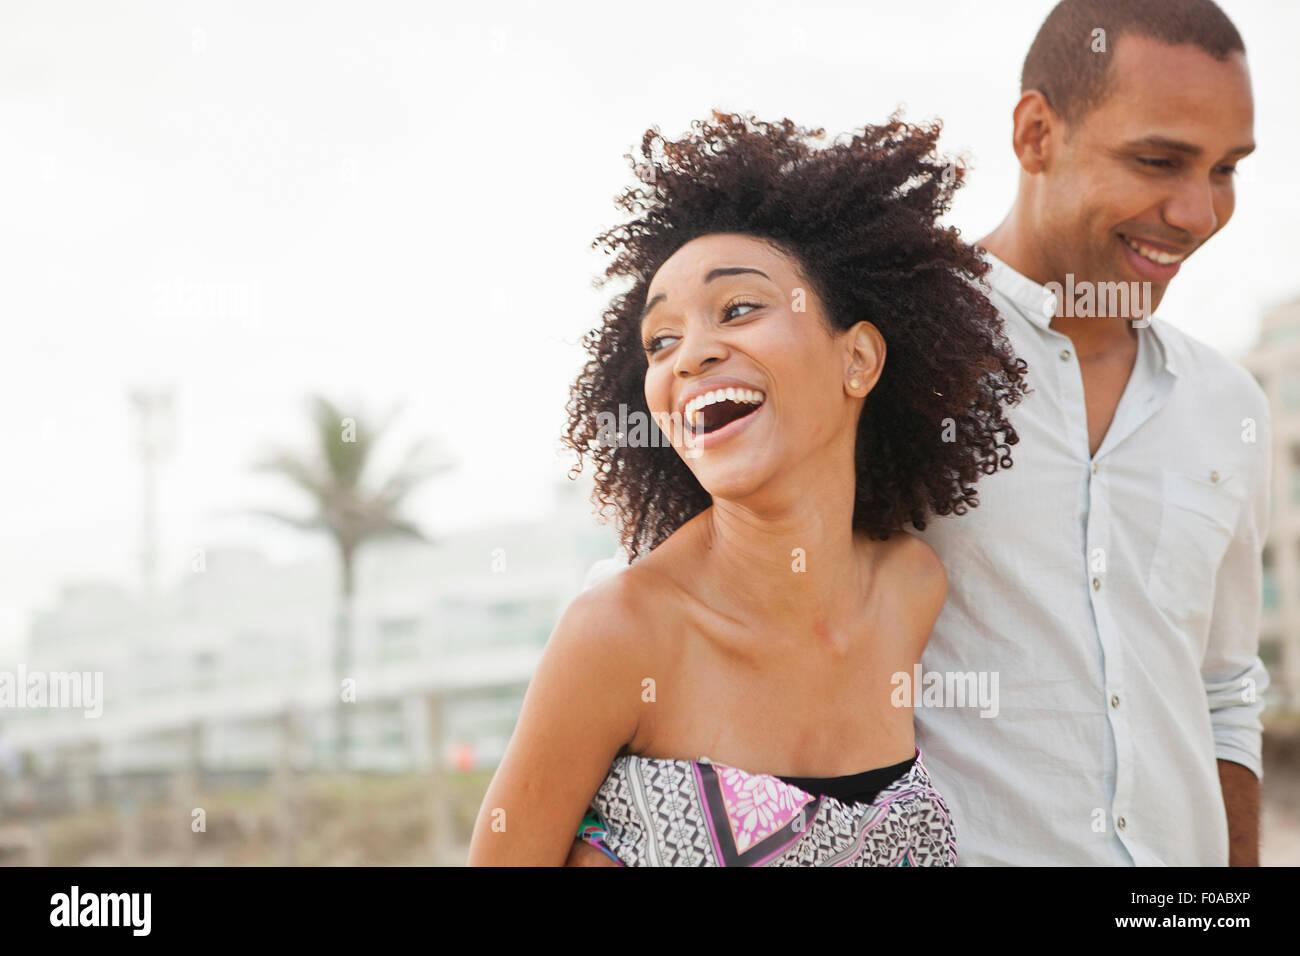 Mujer joven riendo mientras se pasea con mi novio en la playa, Río de Janeiro, Brasil Imagen De Stock